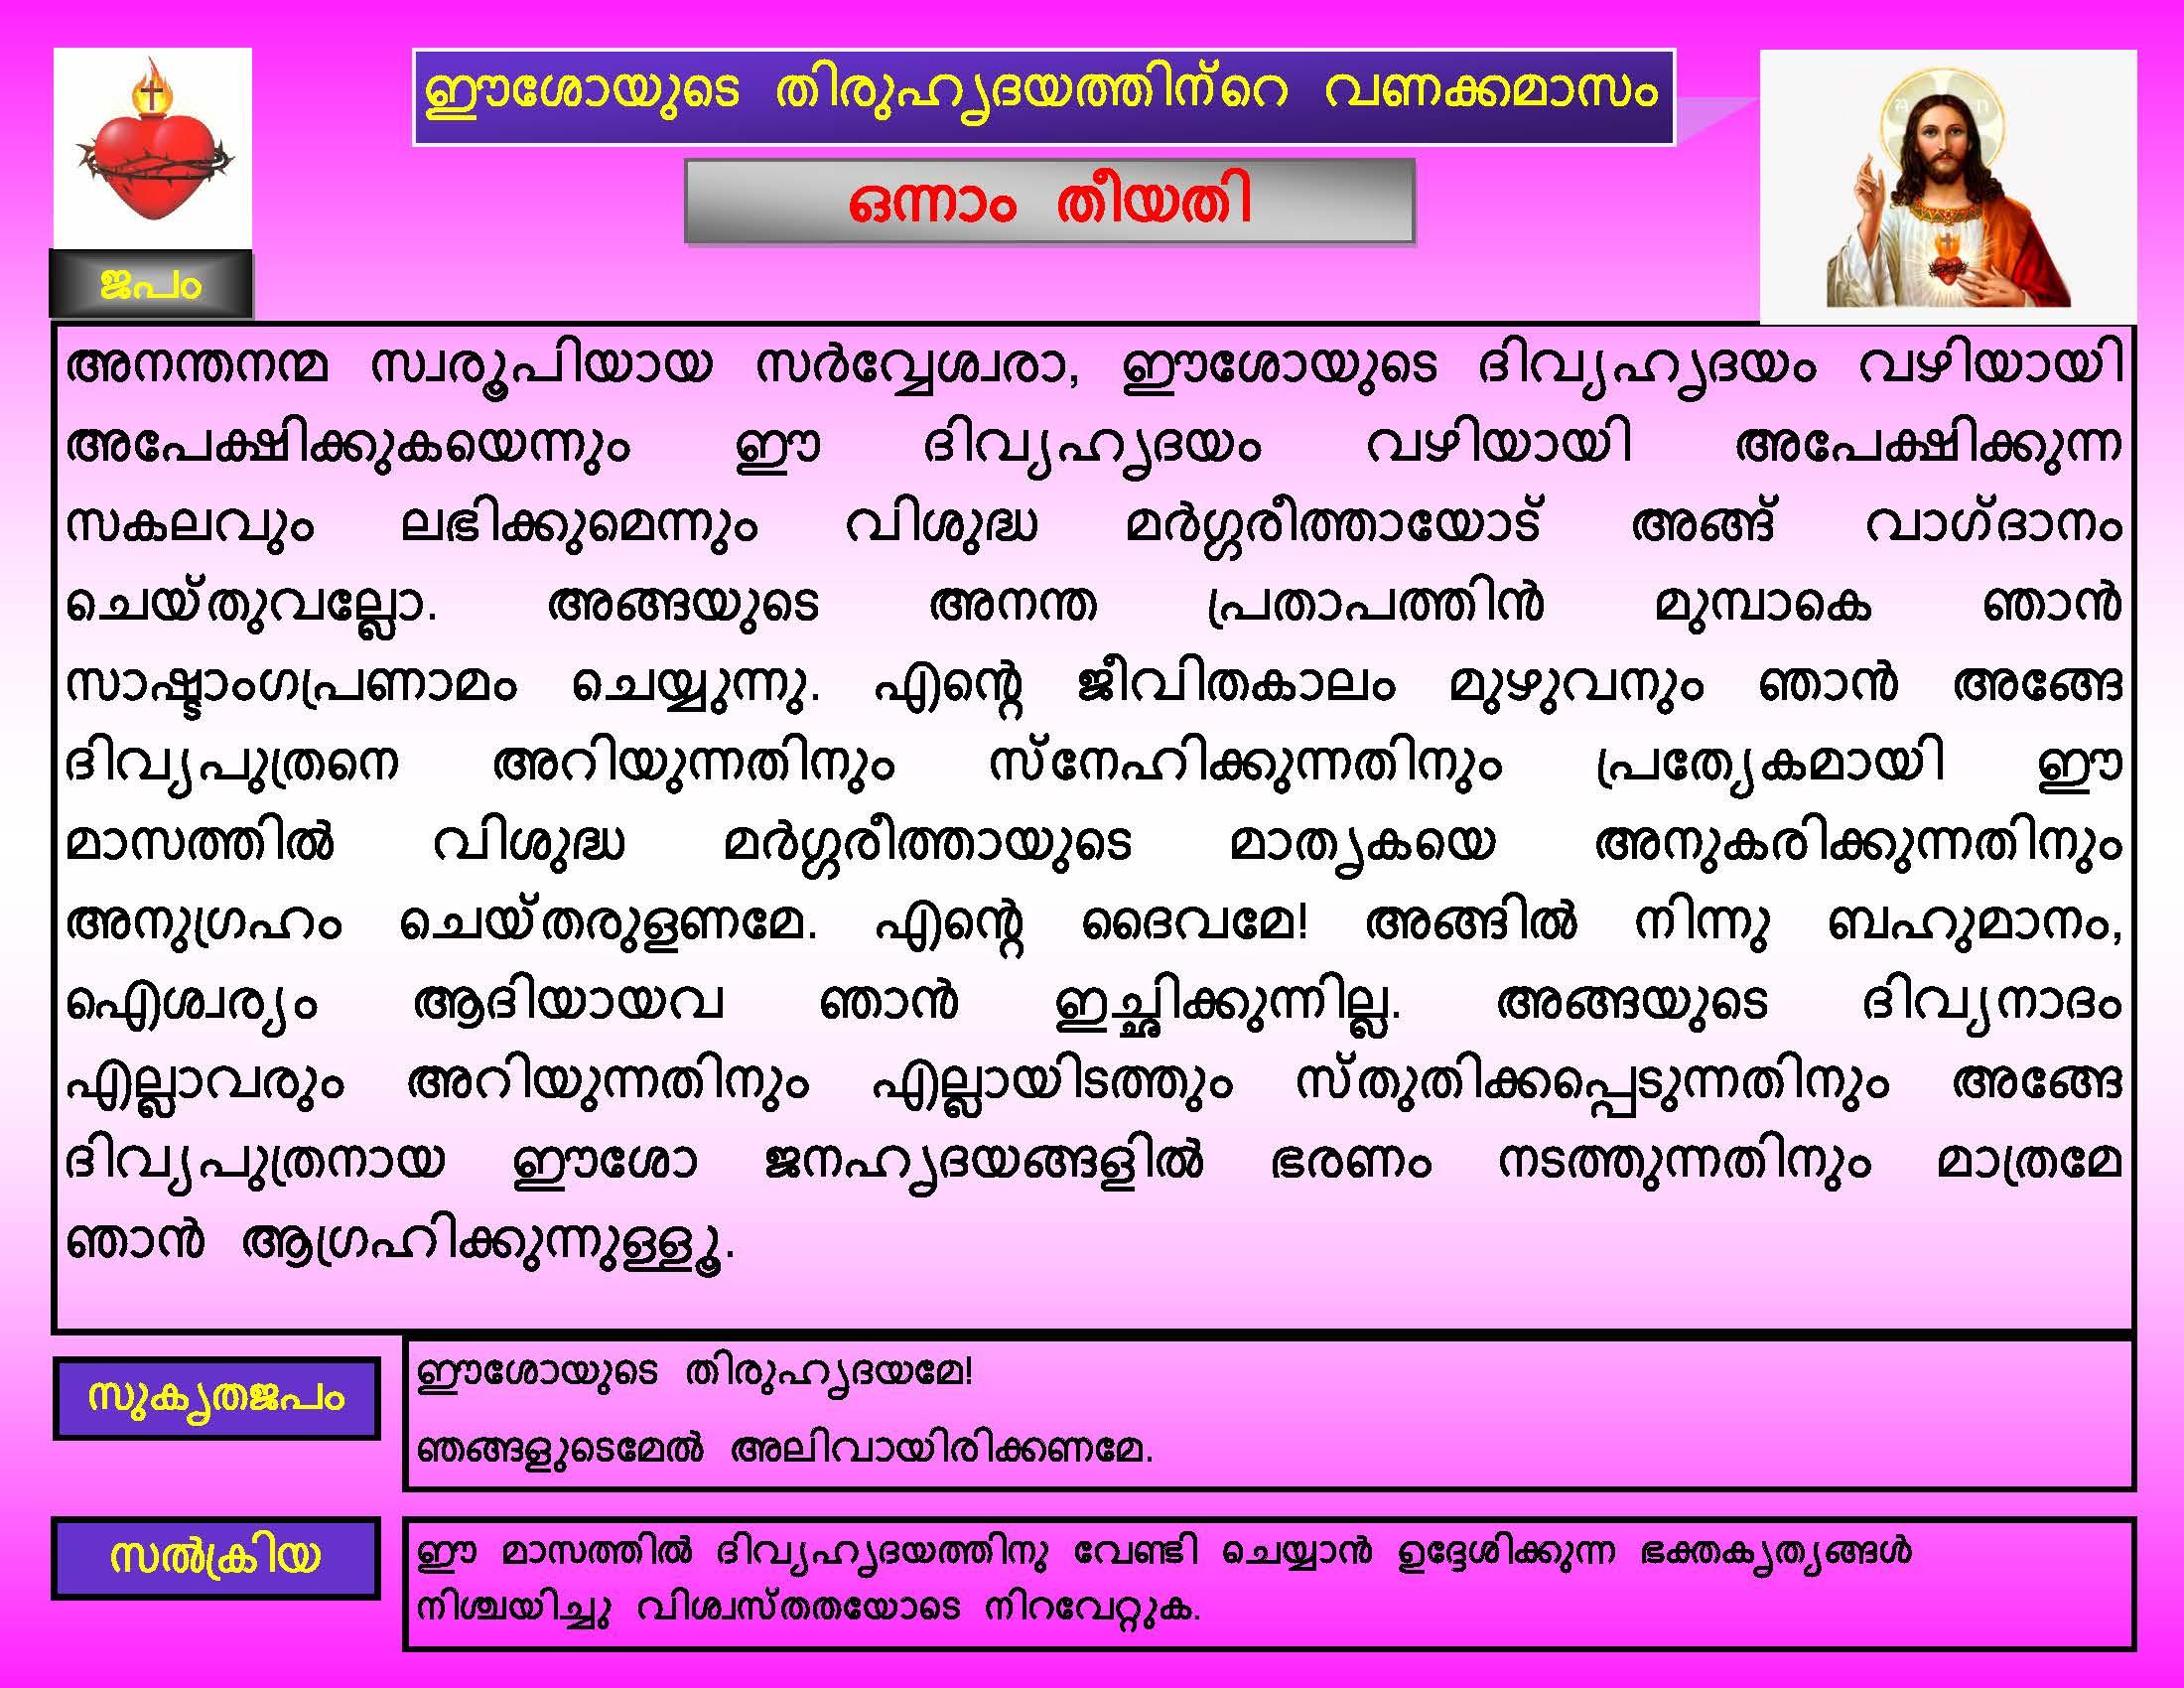 Thiruhrudaya Vanakkamasam - June 1